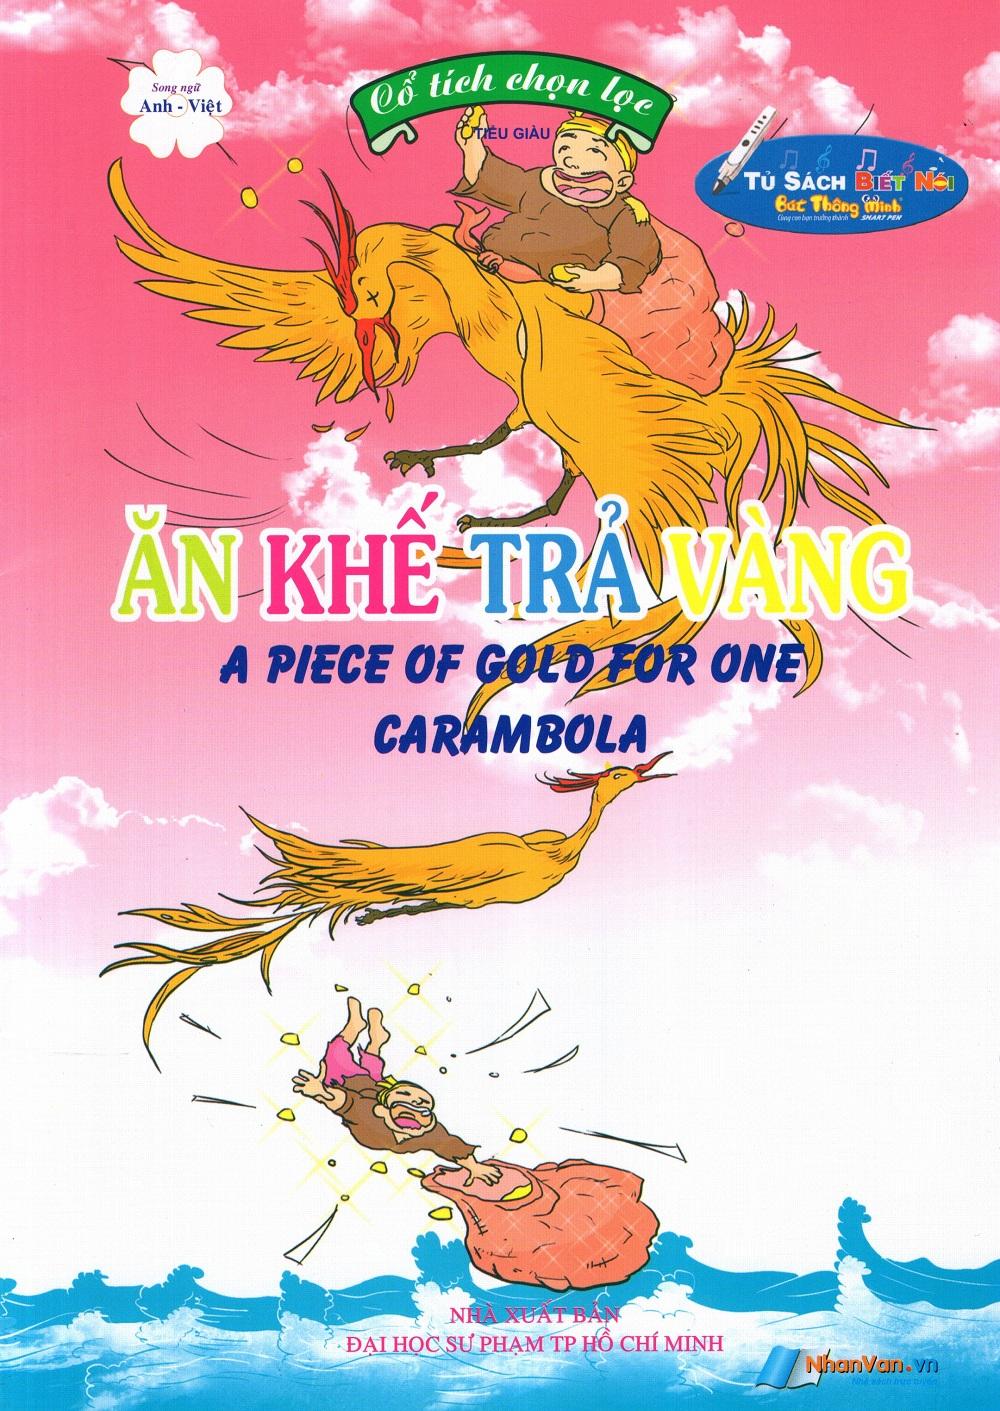 Bìa sách Cổ Tích Chọn Lọc: Ăn Khế Trả Vàng (Song Ngữ Anh - Việt)